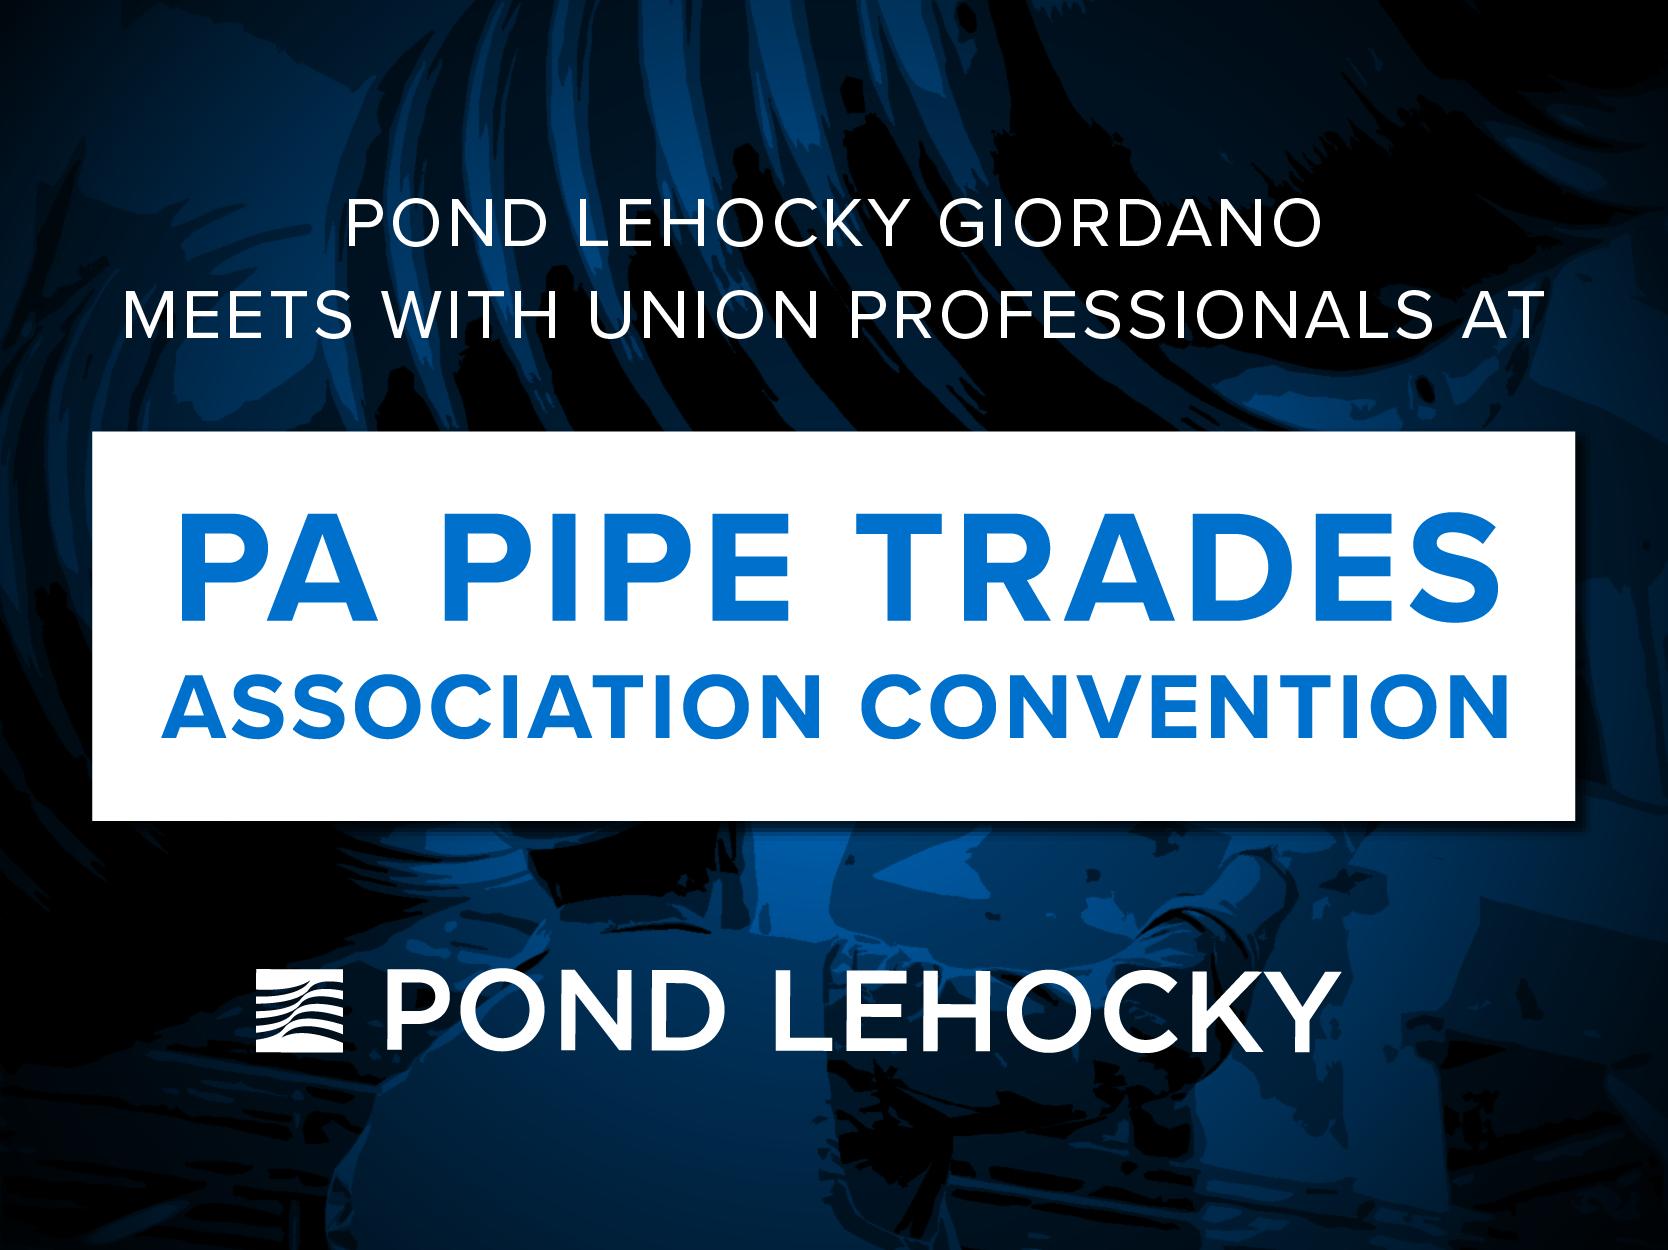 Pond Lehocky Giordano se reúne con profesionales sindicales en la Convención de la Asociación de Comercios de Tuberías de PA